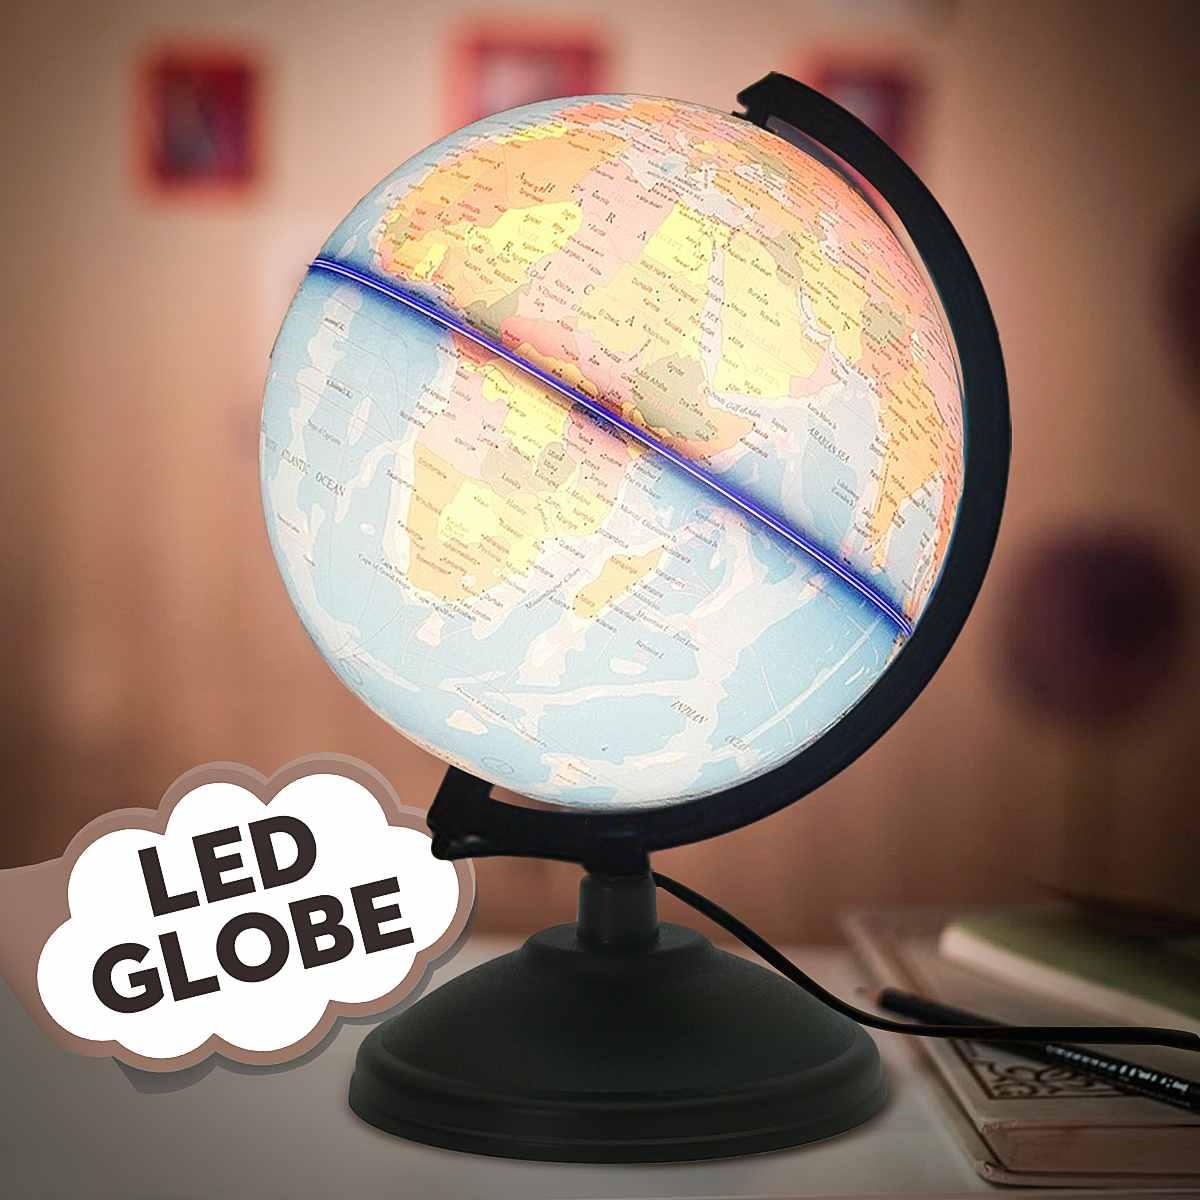 LED World Map Globe Home Electronic Lamp Novelty Ball Light Birthday Decoration Gift For Kids Children